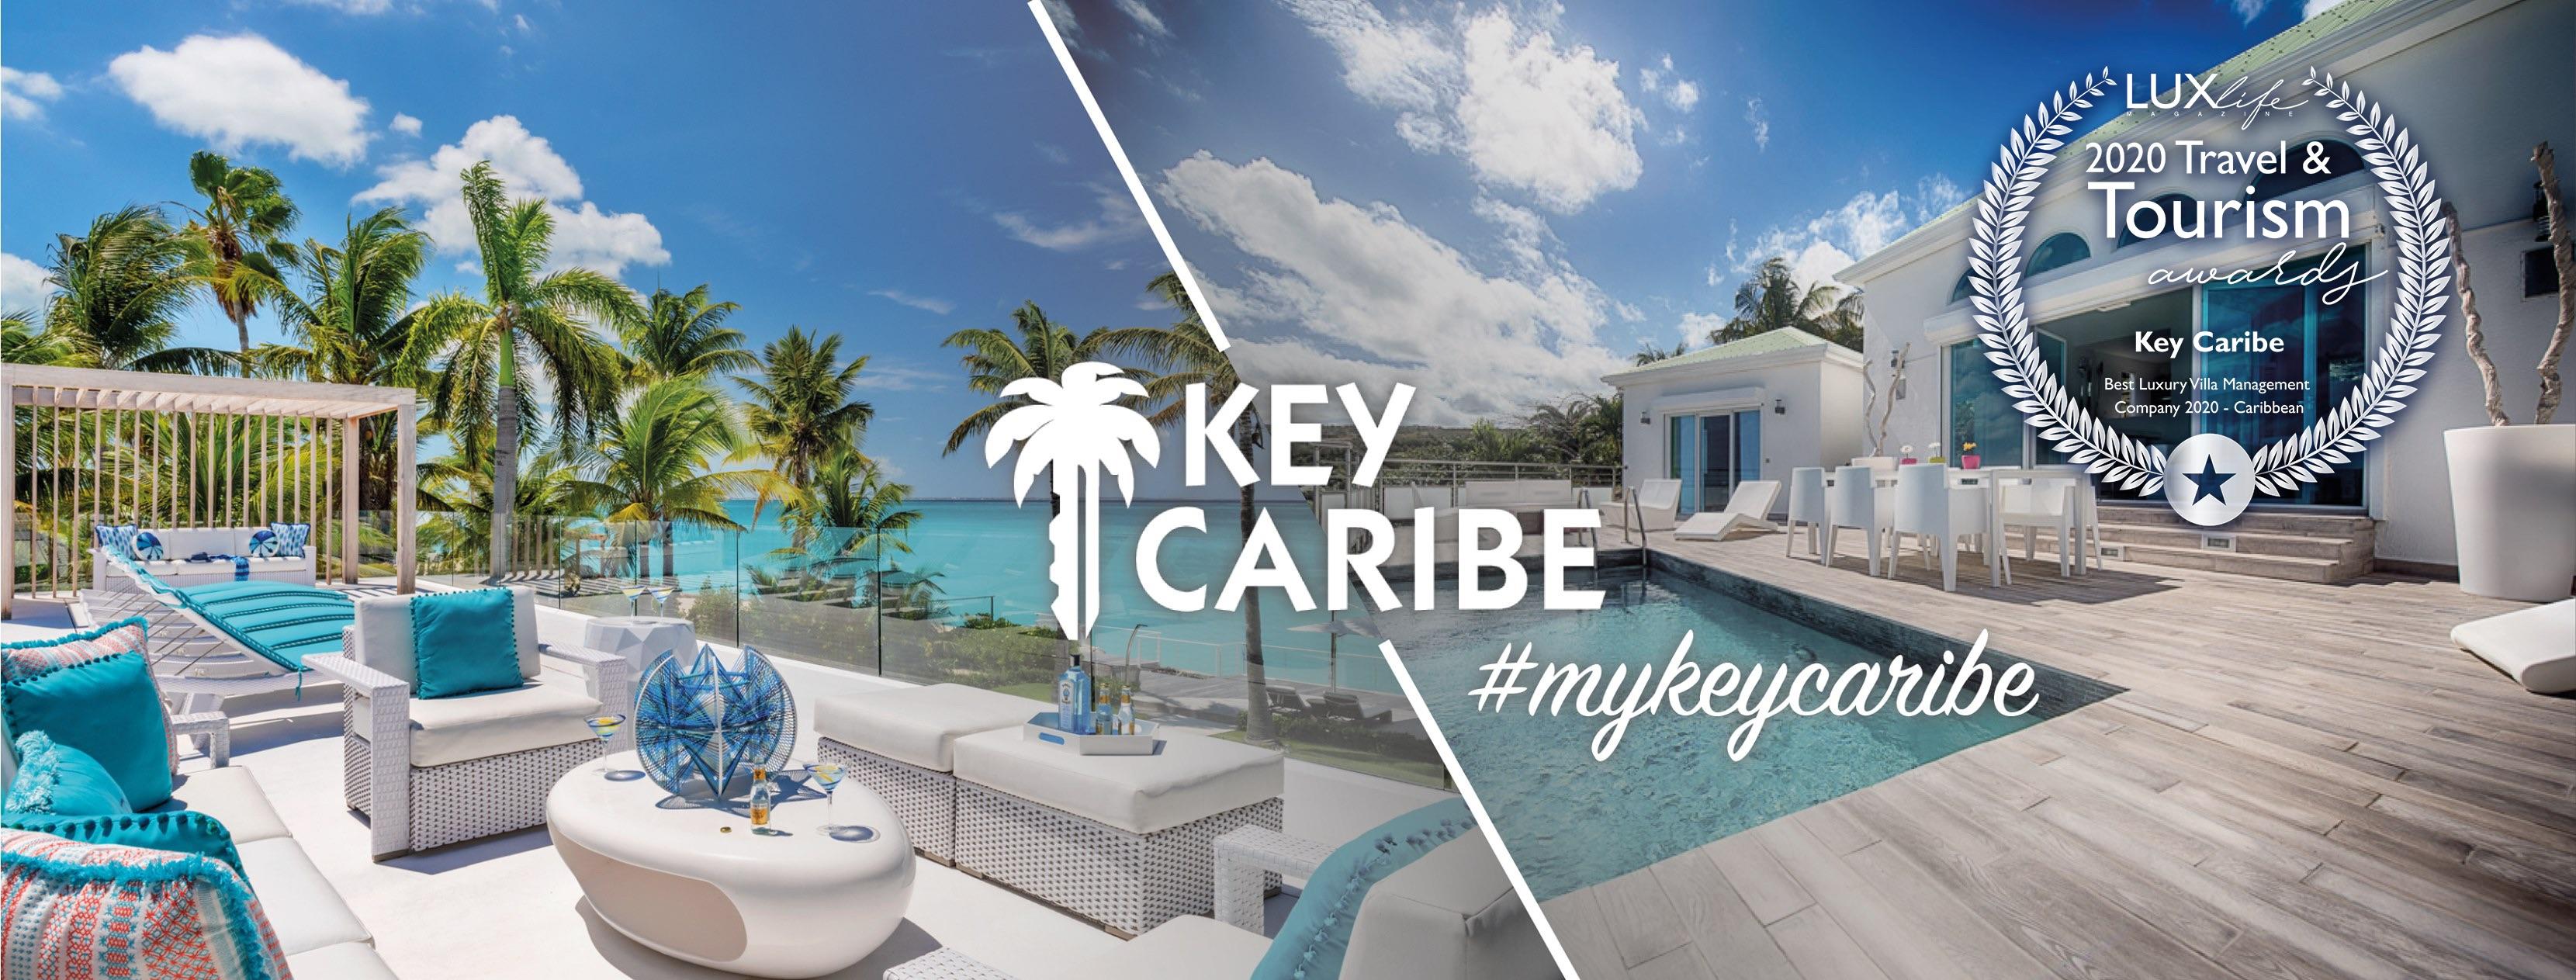 Key Caribe Caribbean Luxury Vacation Rentals